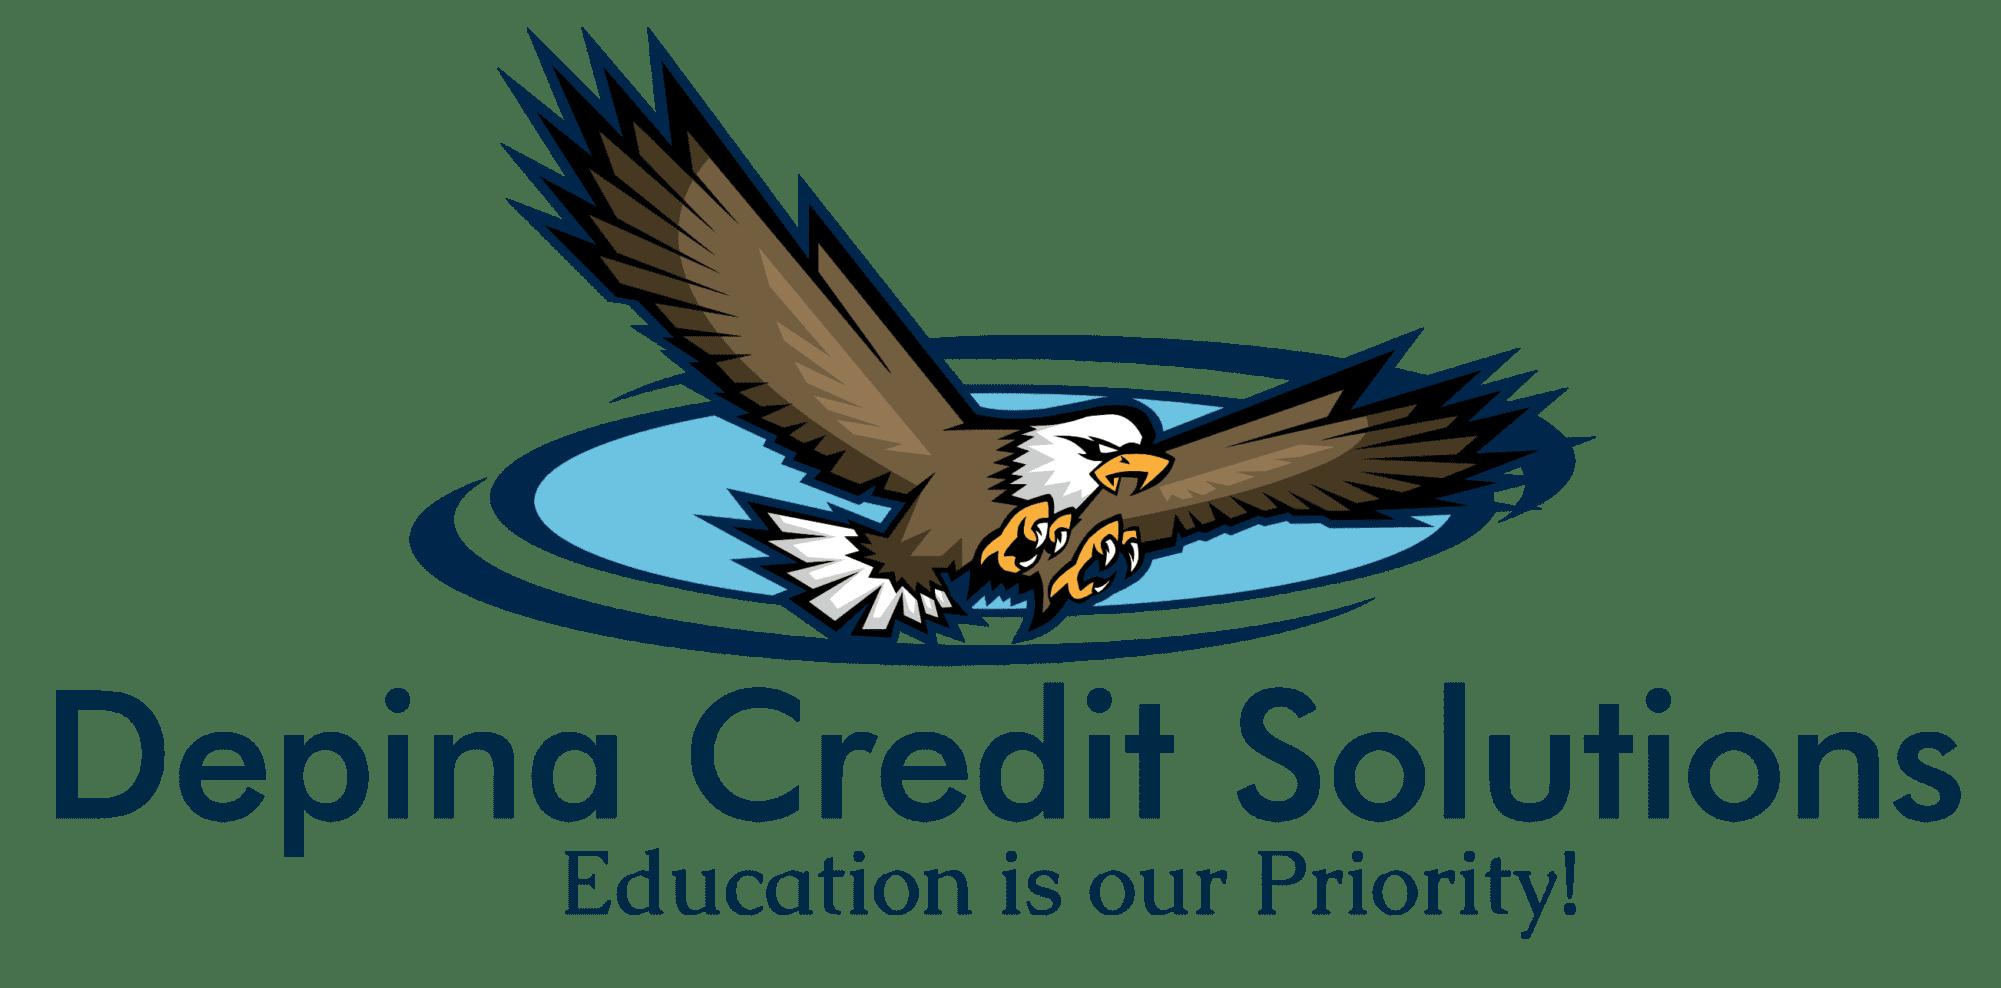 Depina Credit Solutions